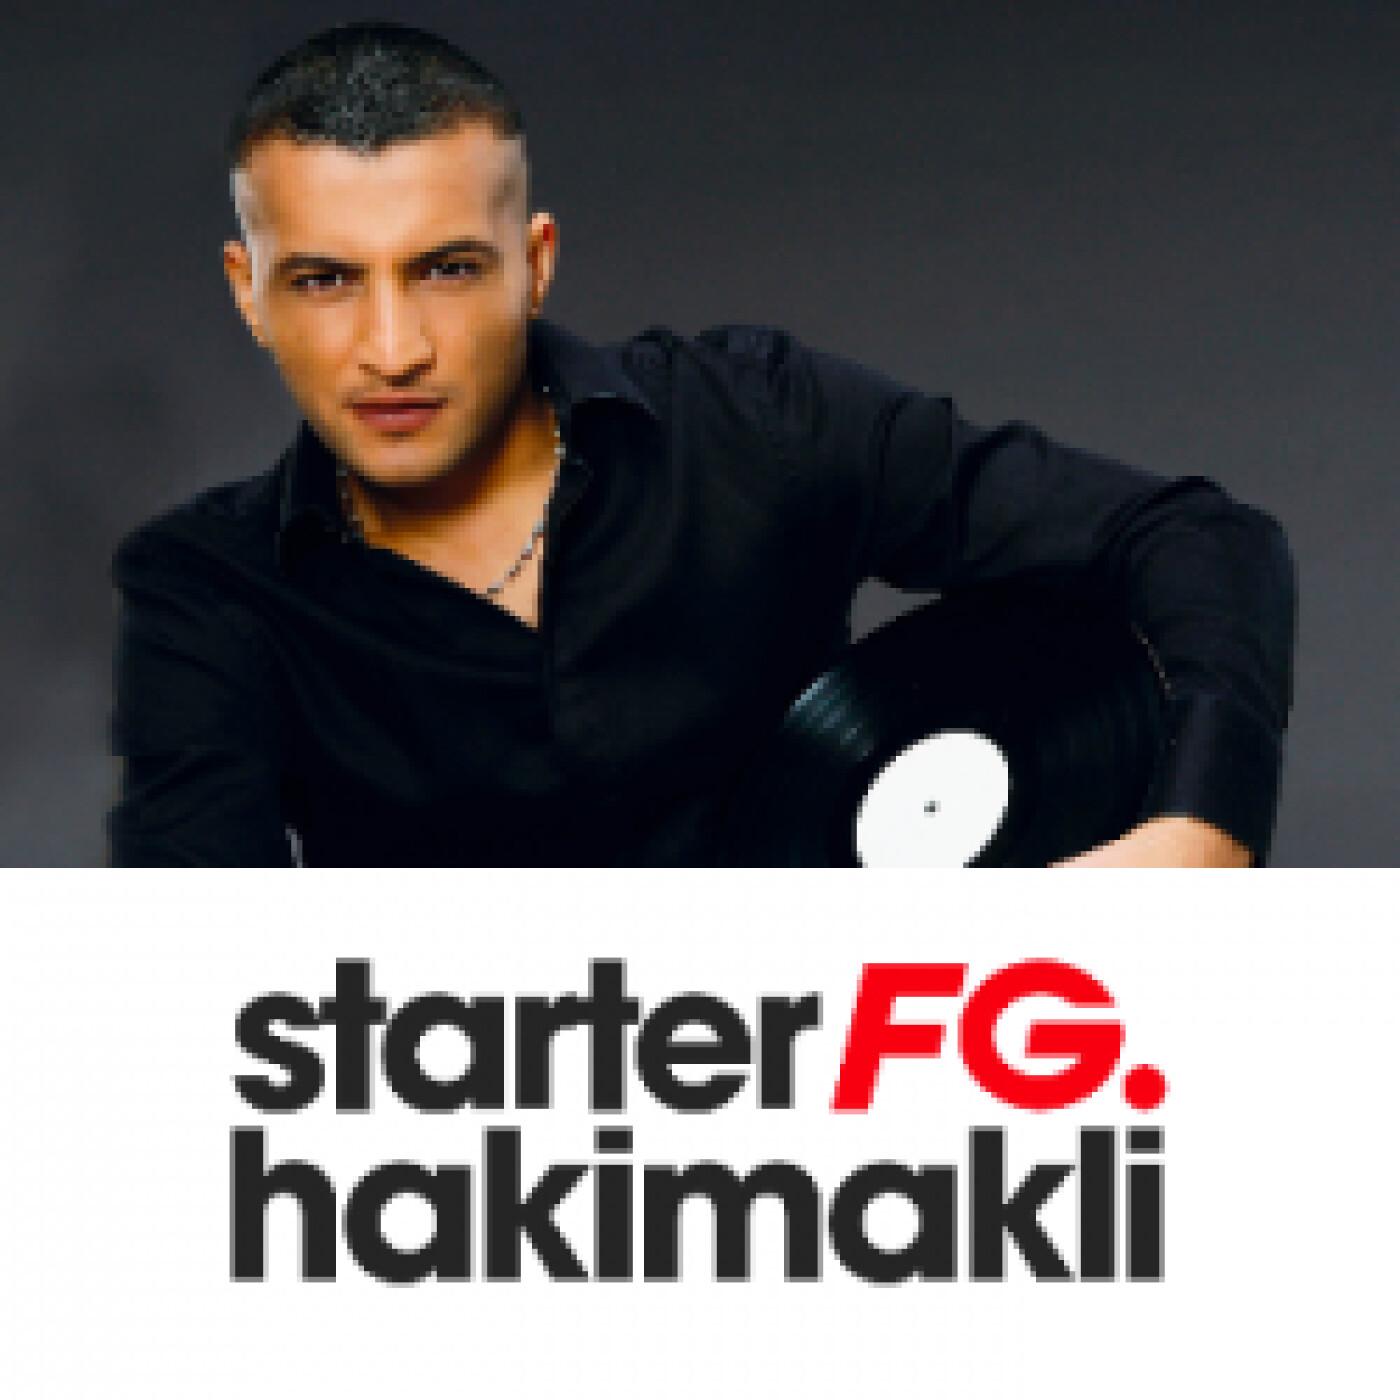 STARTER FG BY HAKIMAKLI MARDI 16 FEVRIER 2021